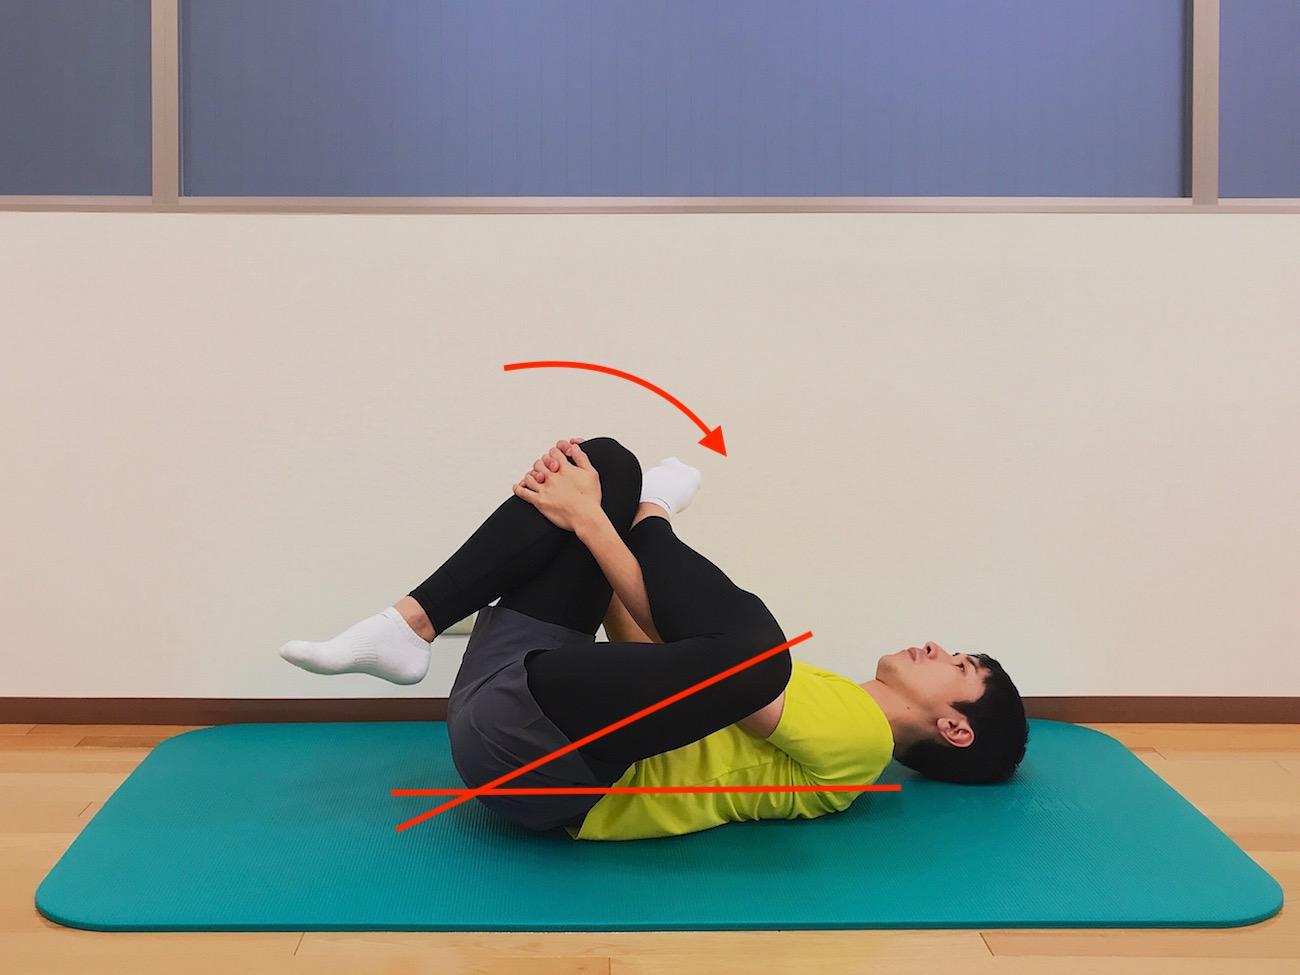 仰向けの姿勢で行うお尻(大殿筋)の筋肉のストレッチの方法